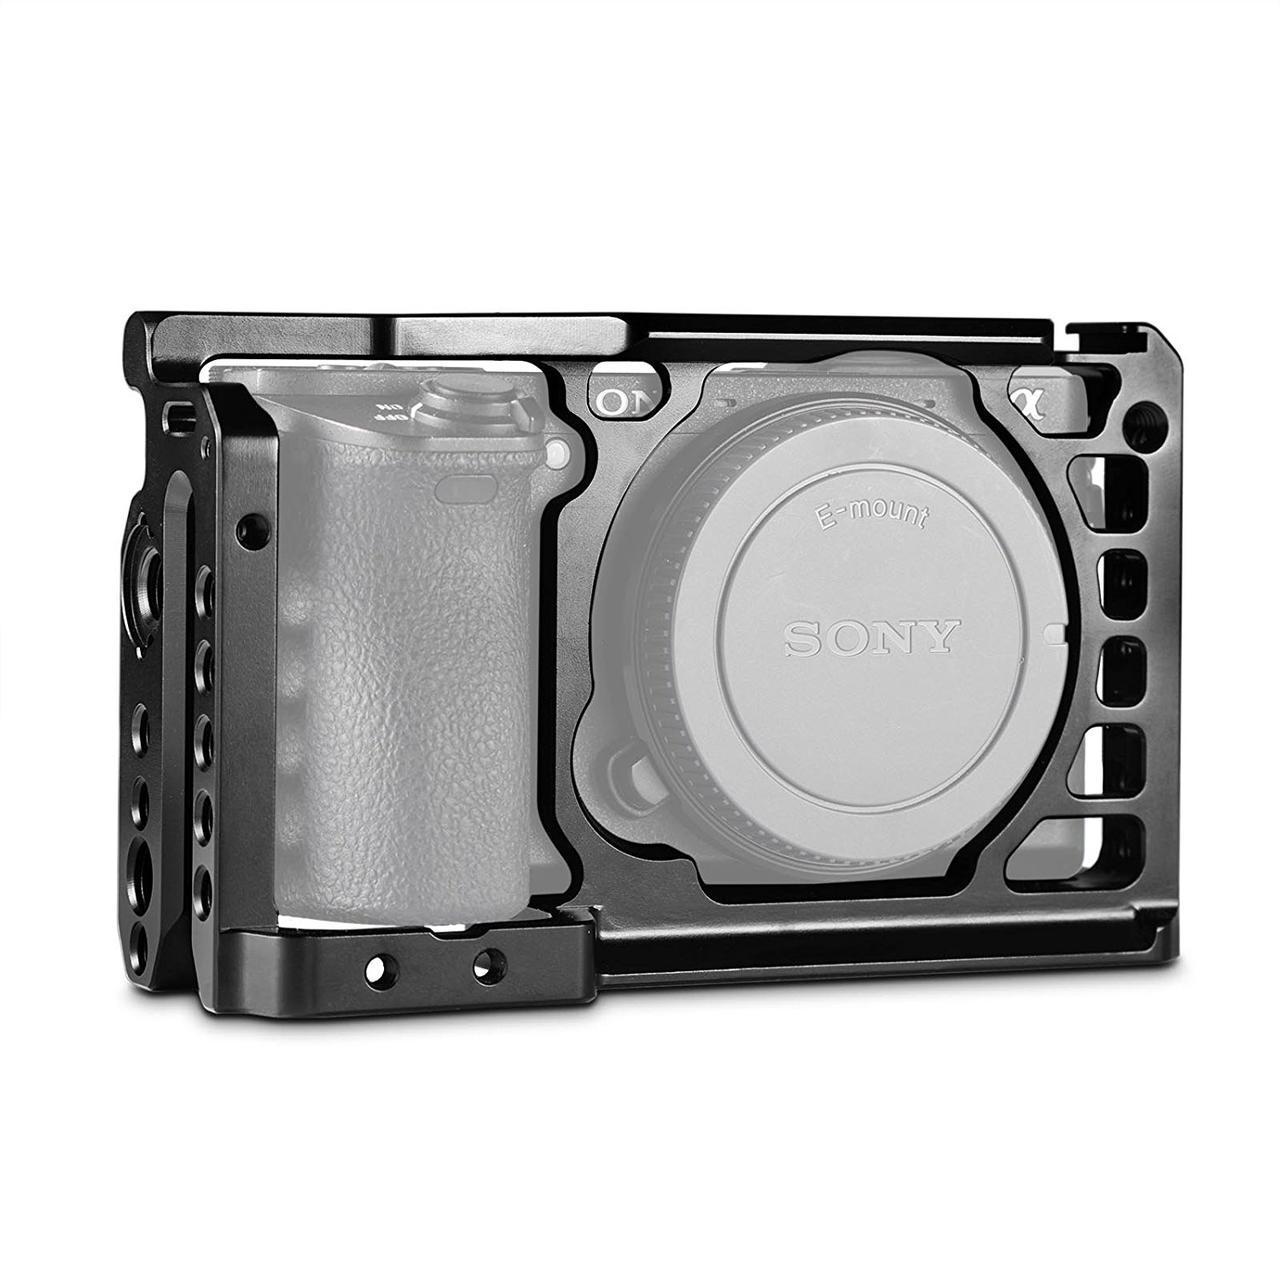 Клітка SmallRig для Sony A6000/A6100/A6300/A6400/A6500/A6600, cage 1889.